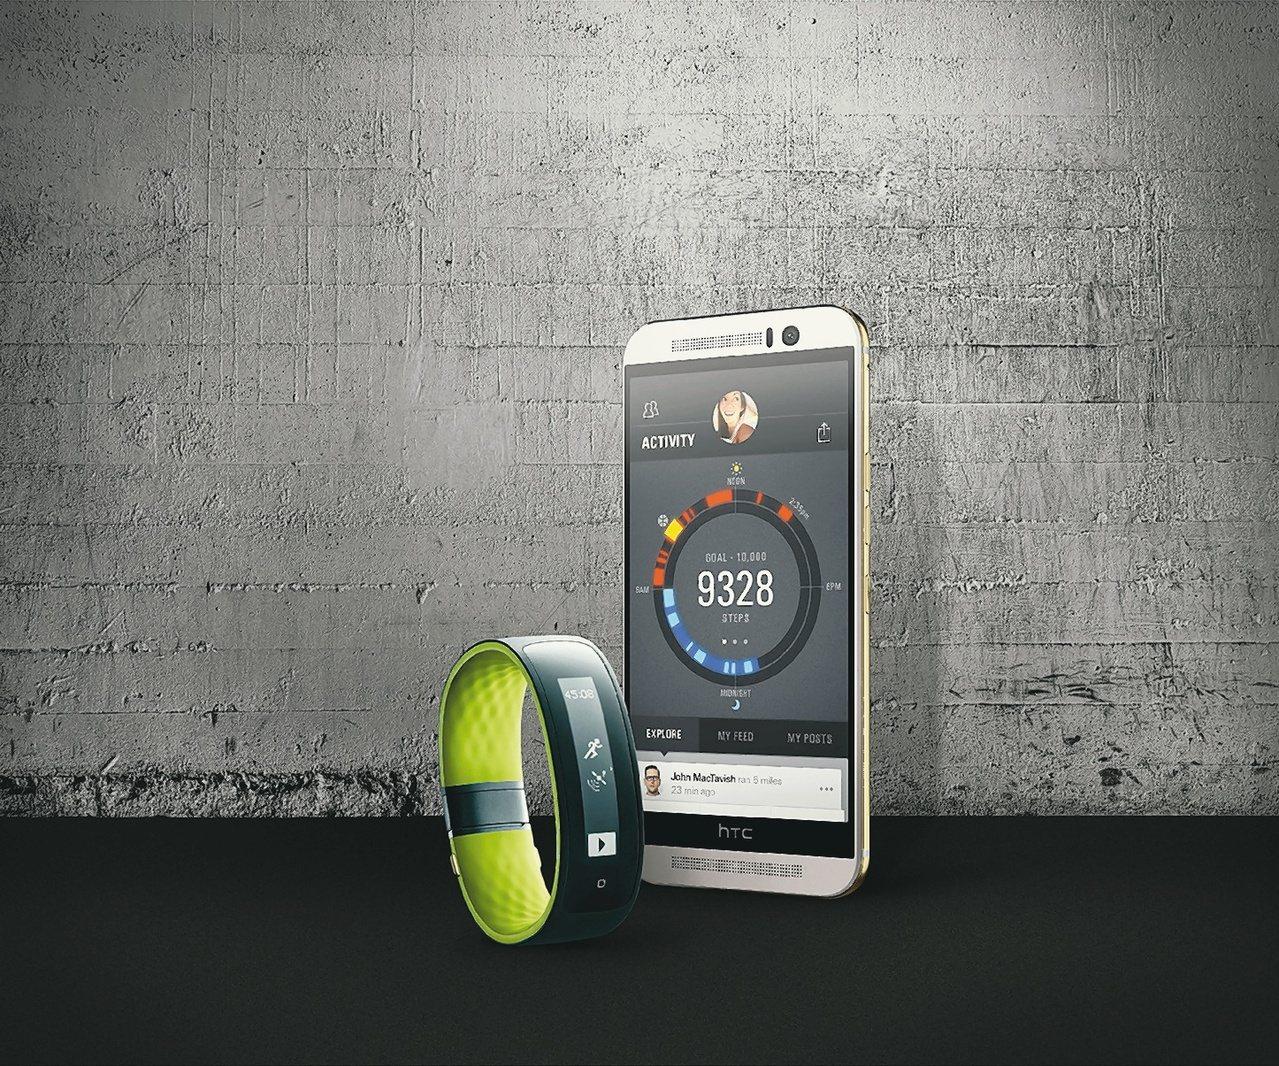 宏達電首款搭載GPS的智慧型運動手環HTC Grip,在MWC上亮相。 中央社